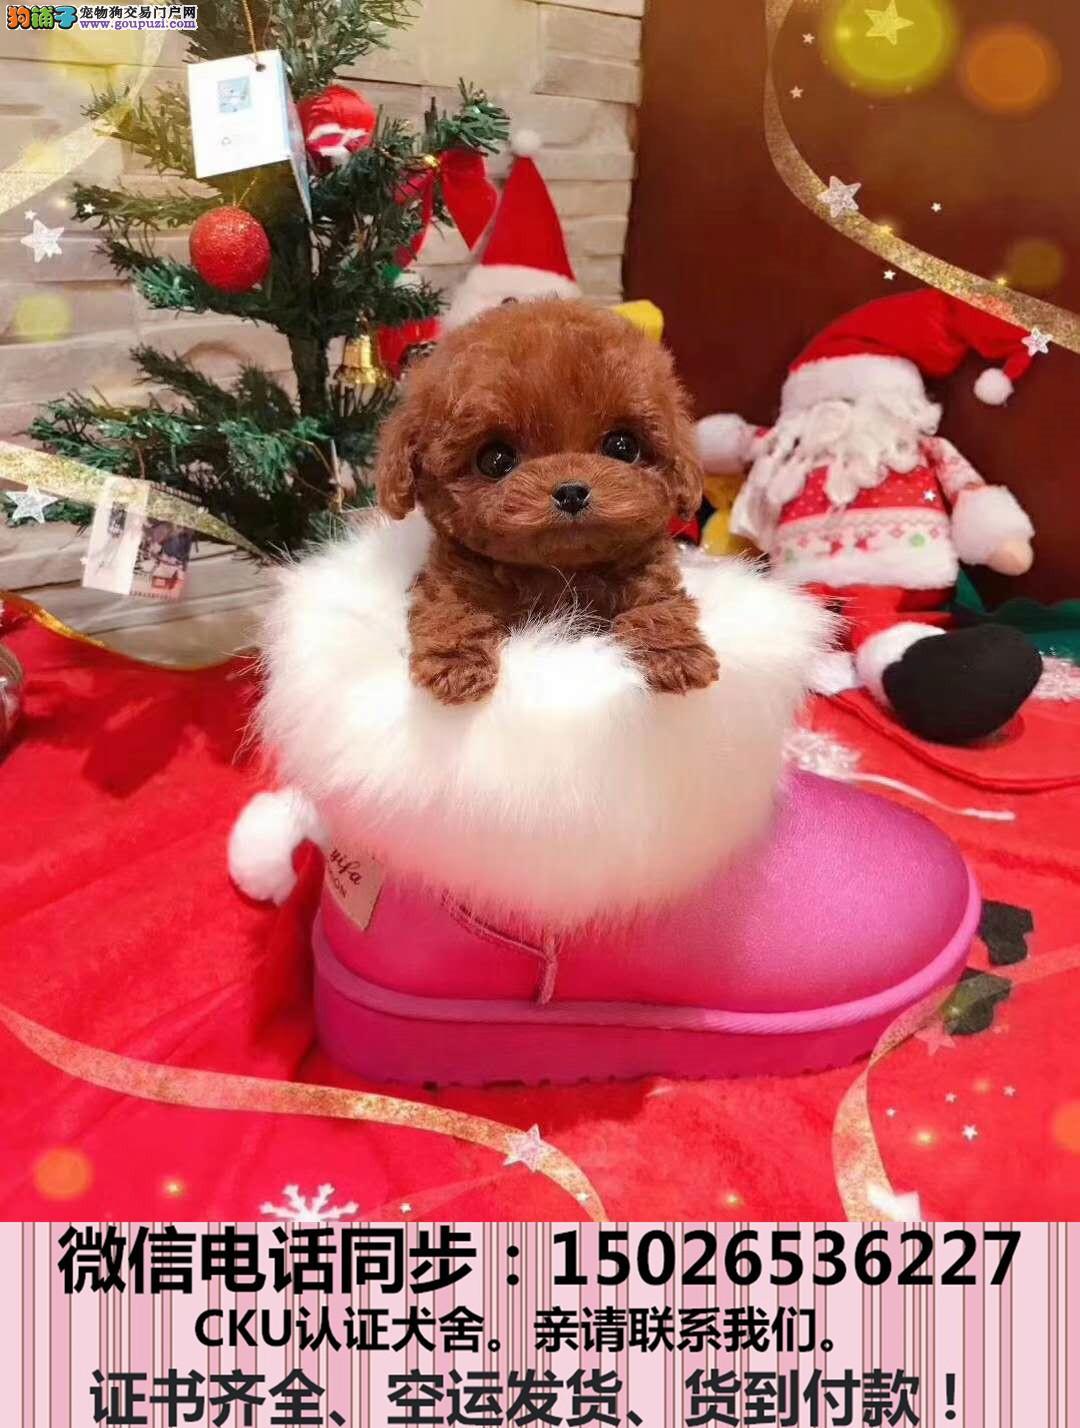 本地正规犬场出售纯种泰迪包养活签协议